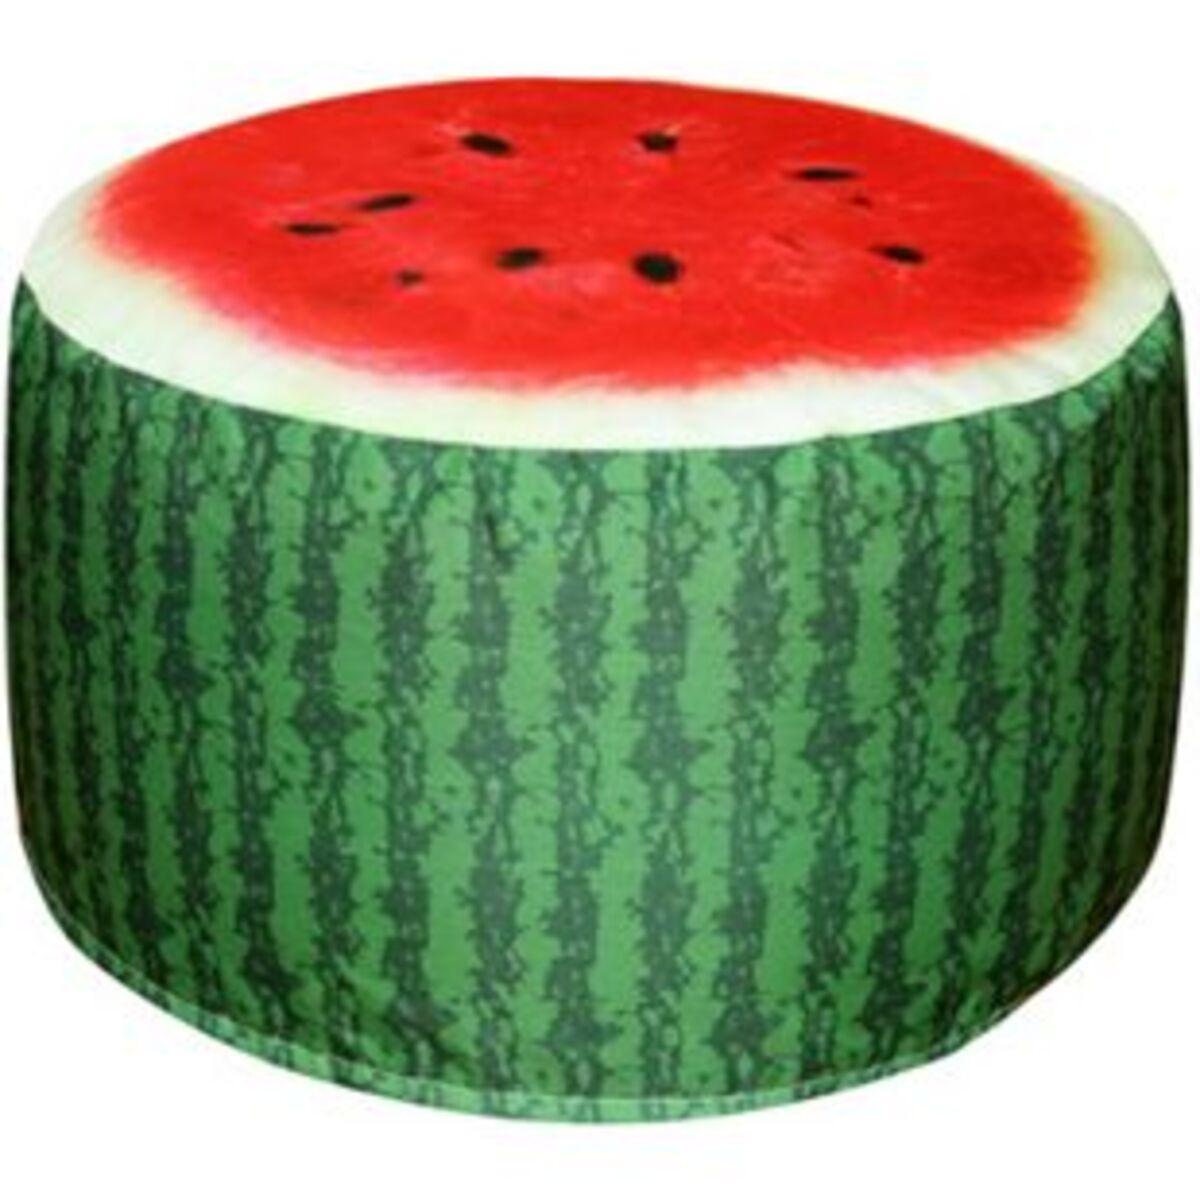 Bild 2 von Dekor Sitzhocker - Melone